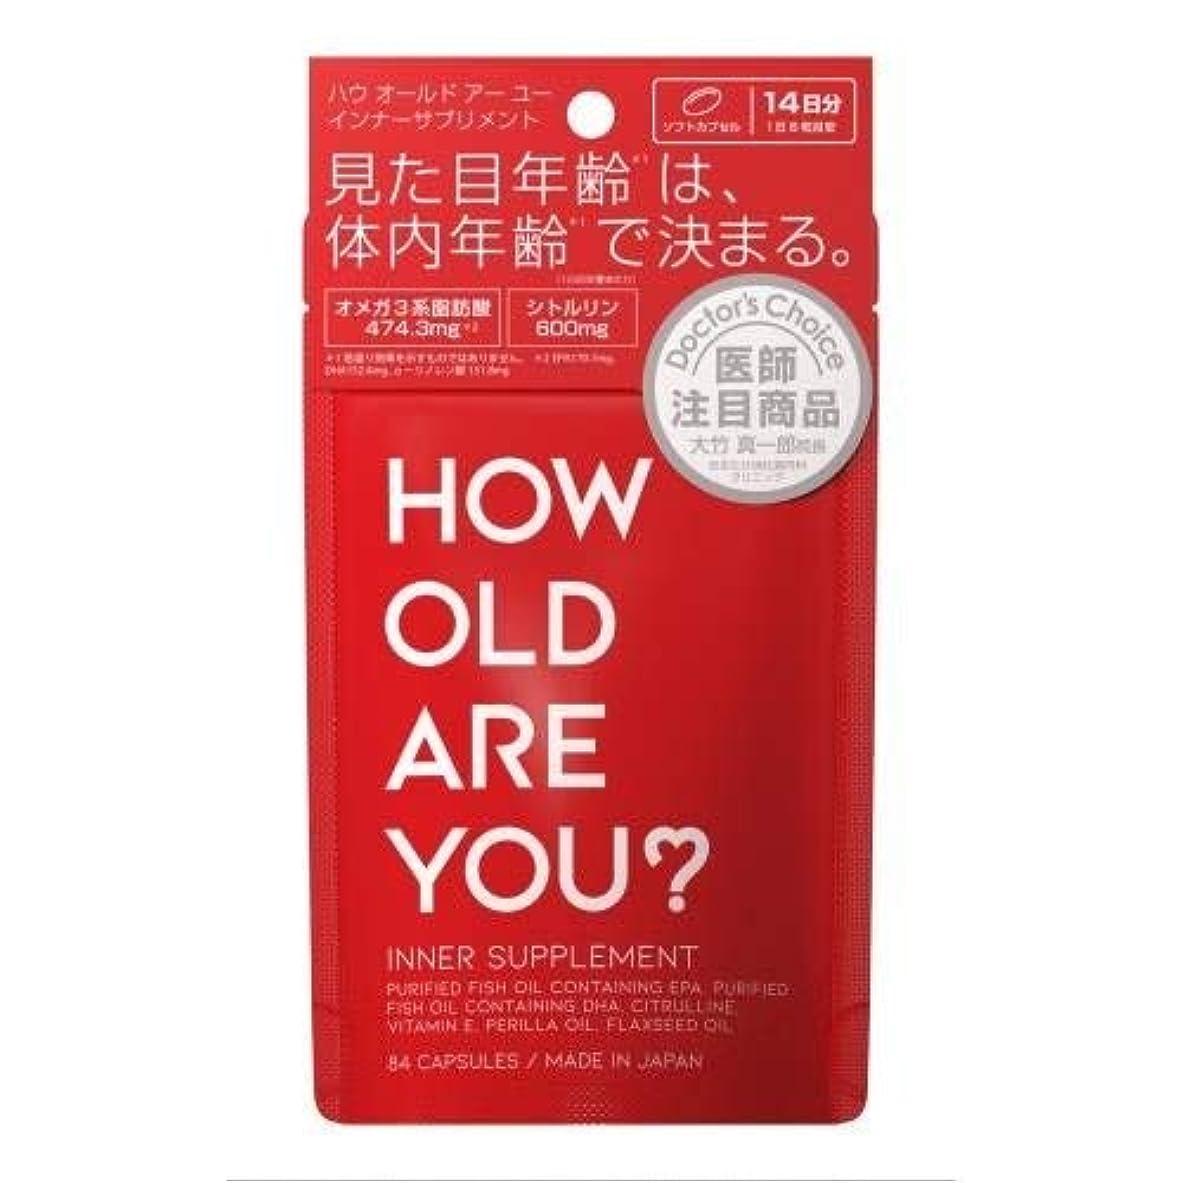 ラウズ泣き叫ぶ近似【4個セット】HOW OLD ARE YOU?インナーサプリメント 84粒